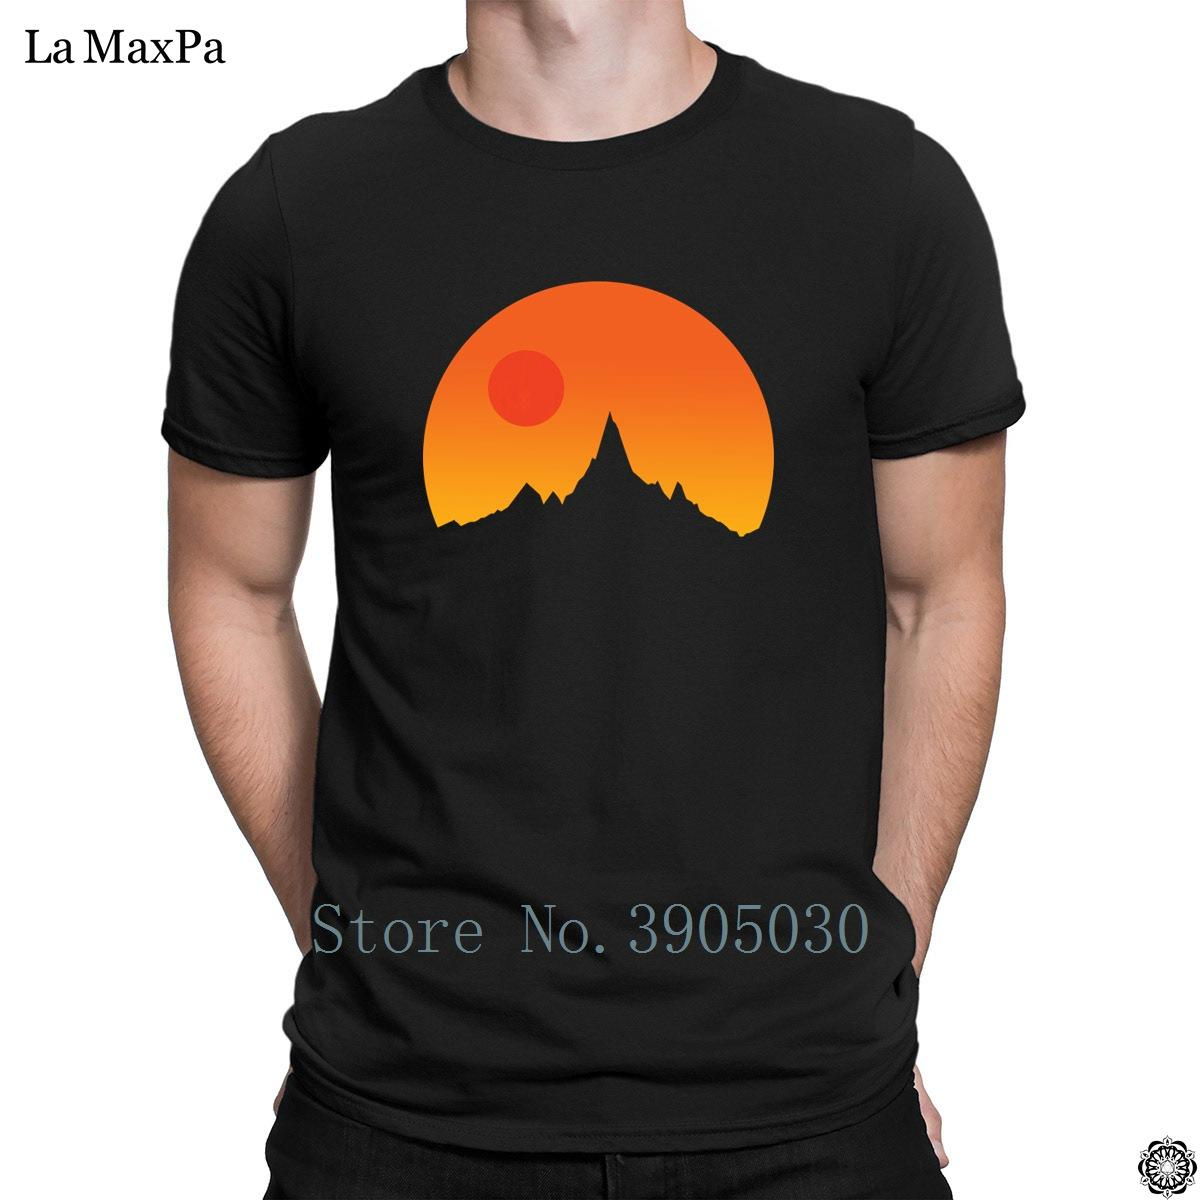 Gedruckt Unisex Große T-Shirt Wild-West-Sonnenuntergang-T-Shirt für Männer Funky T-Shirt für Männer aus 100% Baumwolle Vintage-T-Shirt Anti-Falten